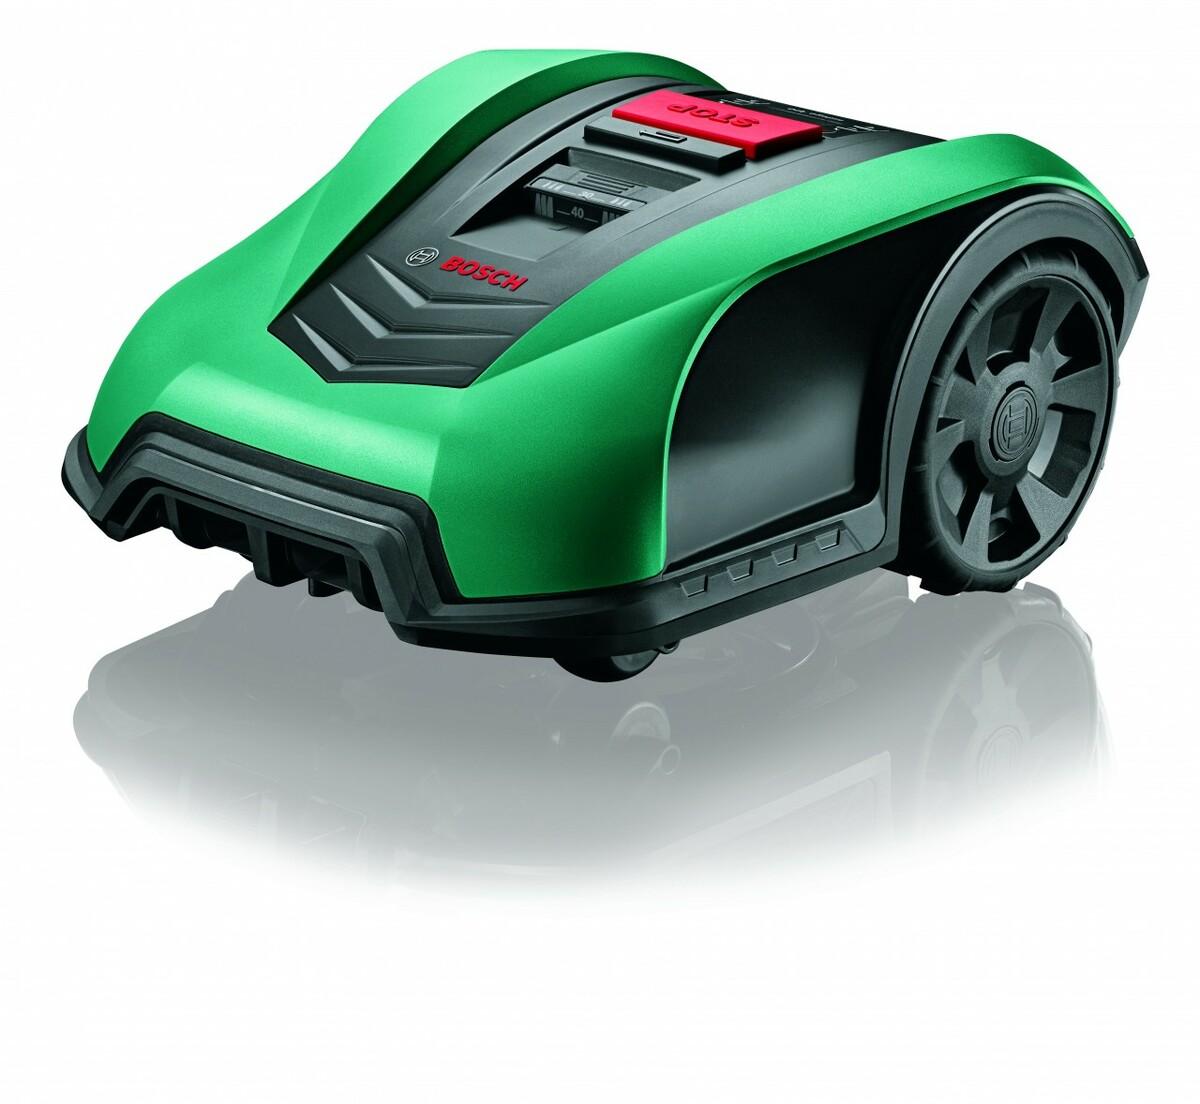 Bild 5 von Bosch Mähroboter Indego 400 | B-Ware - Vorführgerät - wurde vom Hersteller geprüft und ist technisch einwandfrei - Gebrauchsspuren